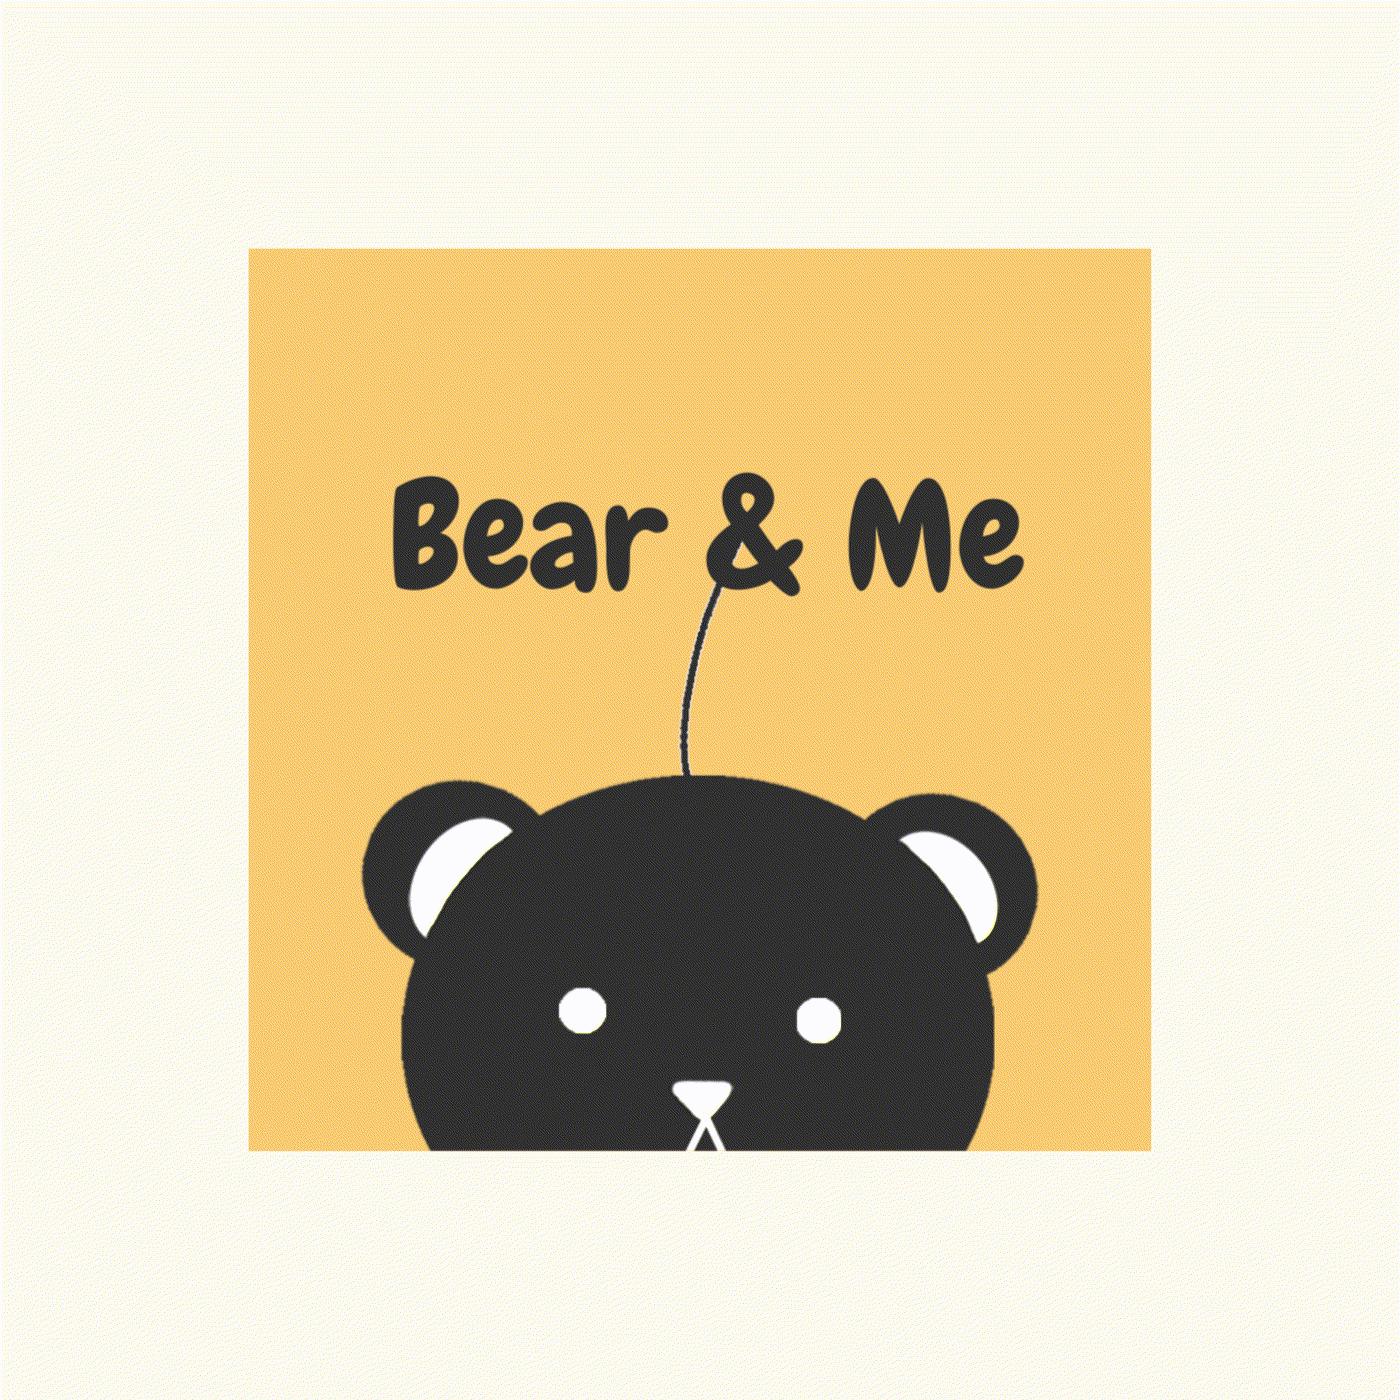 熊與一根毛